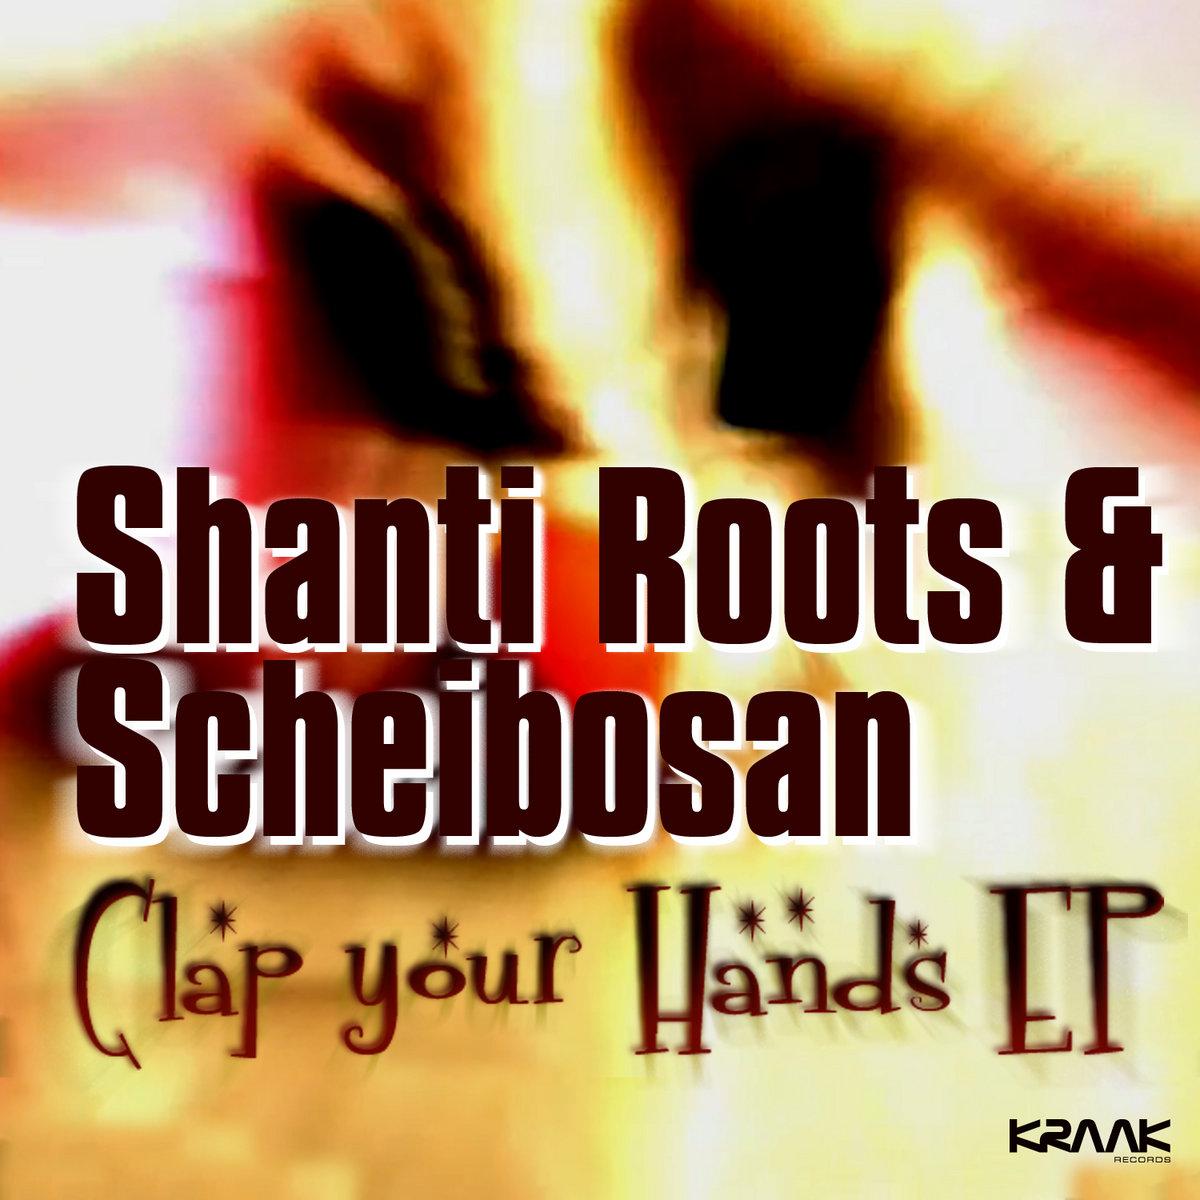 Clap Your Hands Shanti Roots Scheibosan Kraak Records Download lagu terbaru, gudang lagu mp3 gratis terbaik 2020. kraak records bandcamp